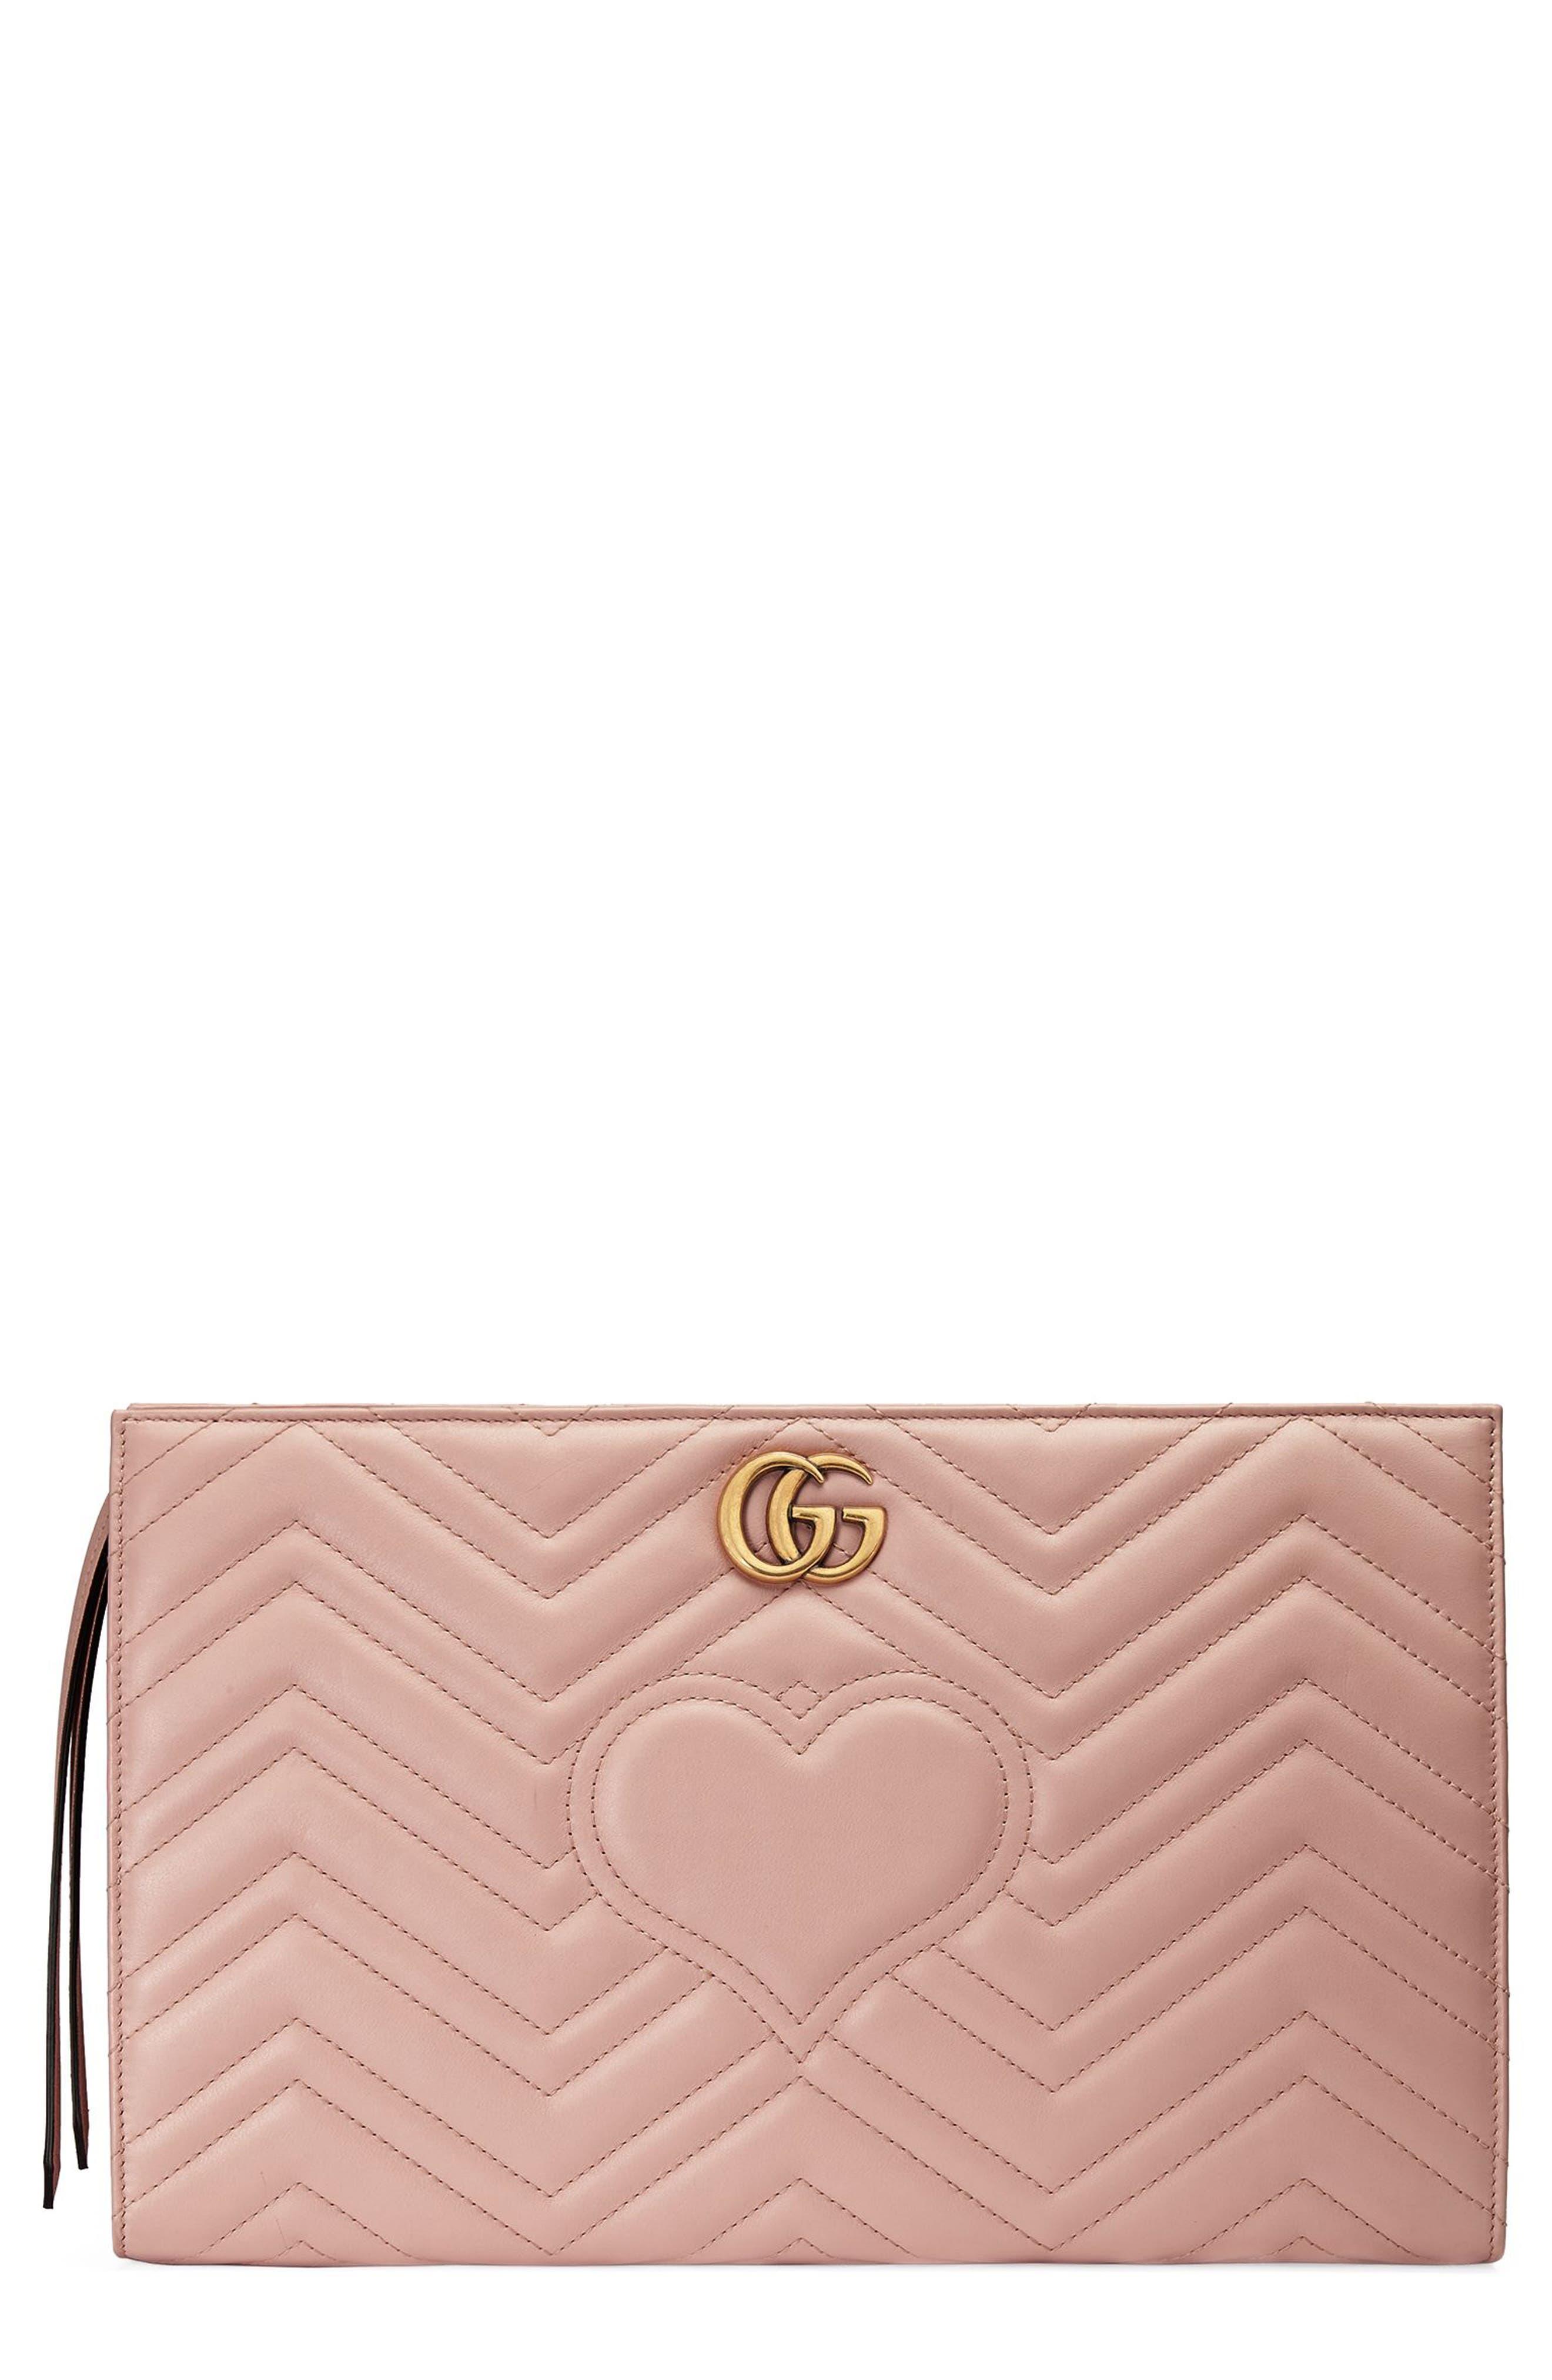 Gucci GG Marmont Matelassé Leather Clutch